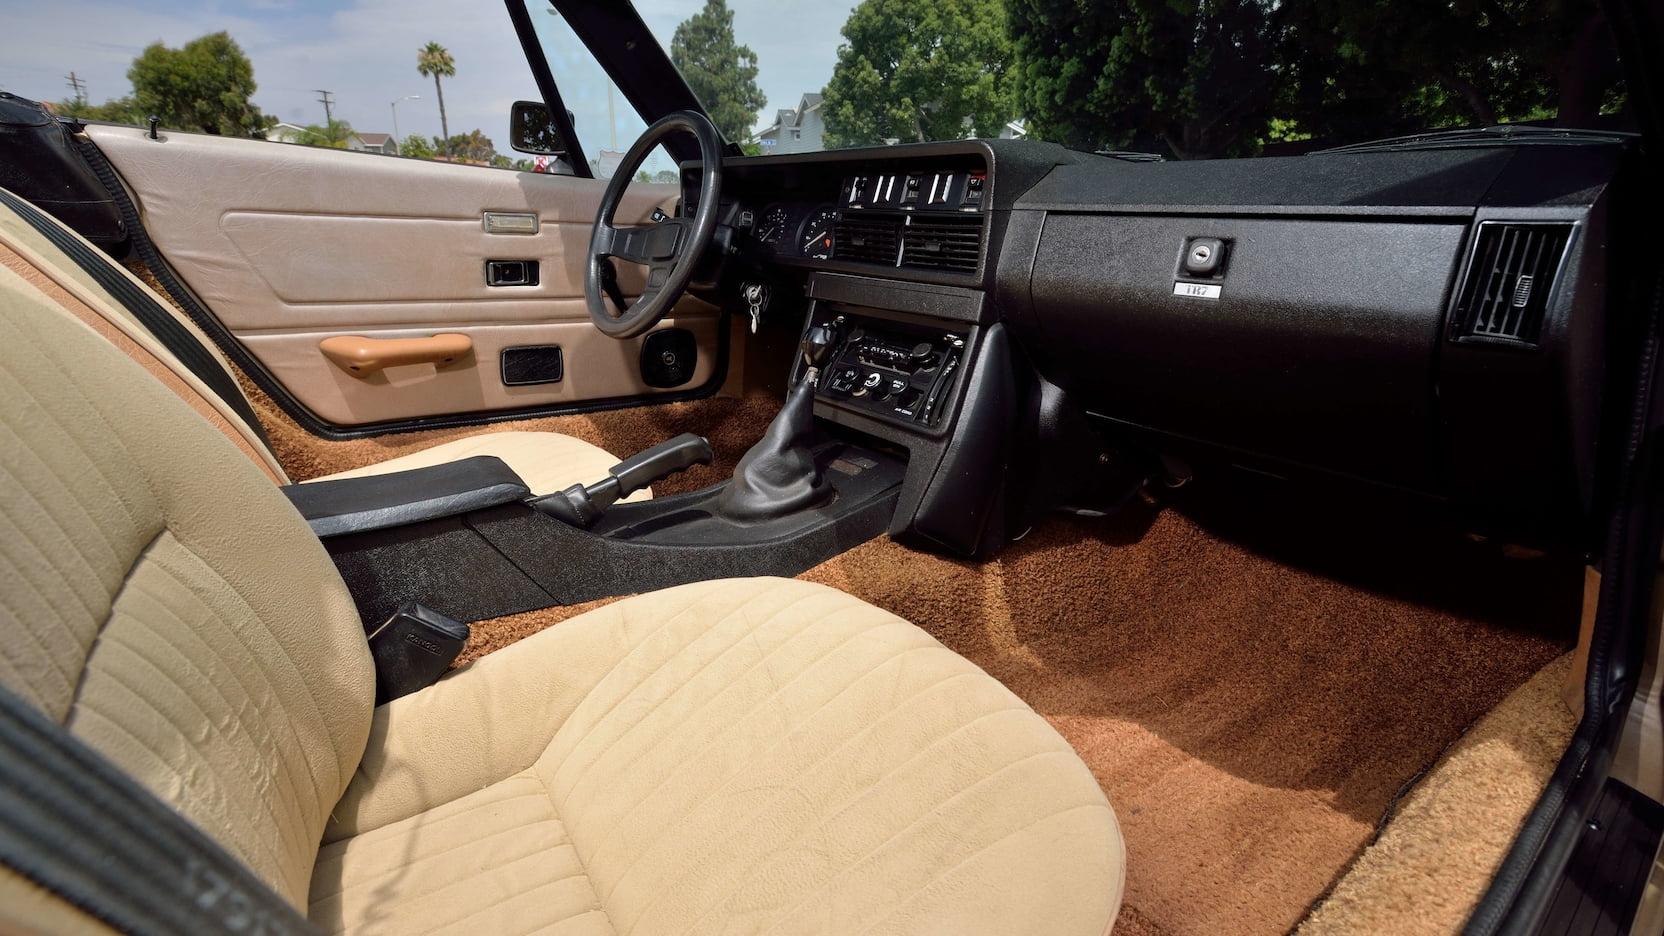 1979 Triumph TR7 passenger interior